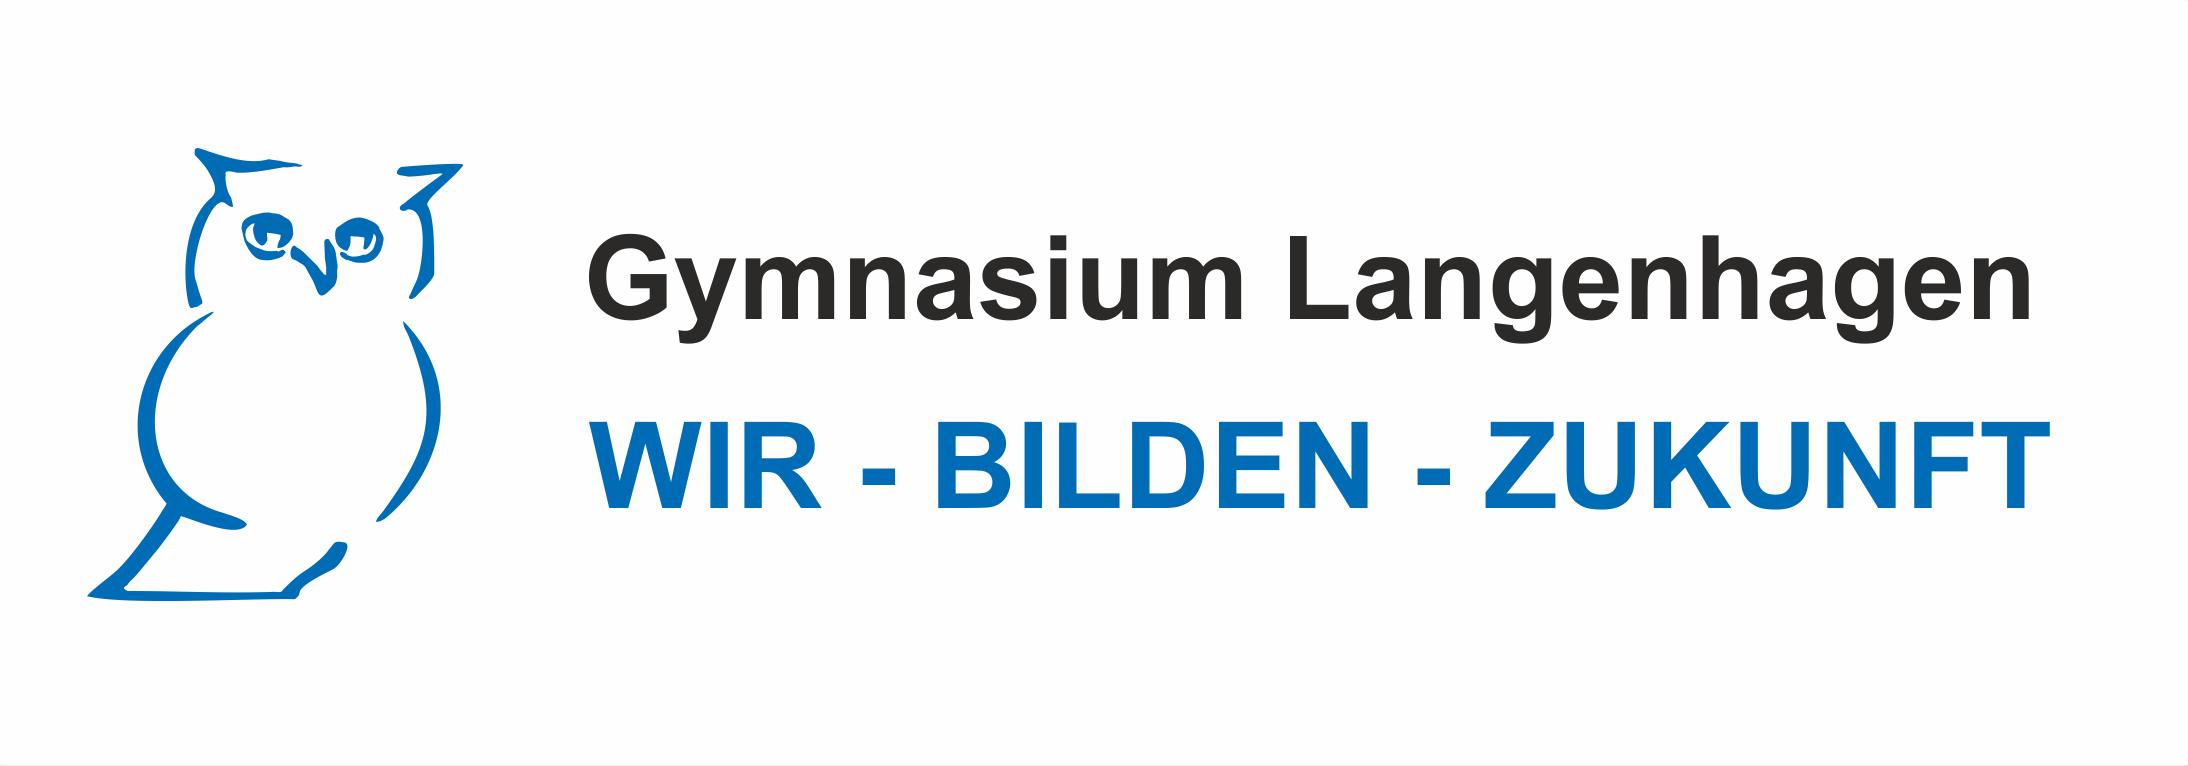 Gymnasium Langenhagen